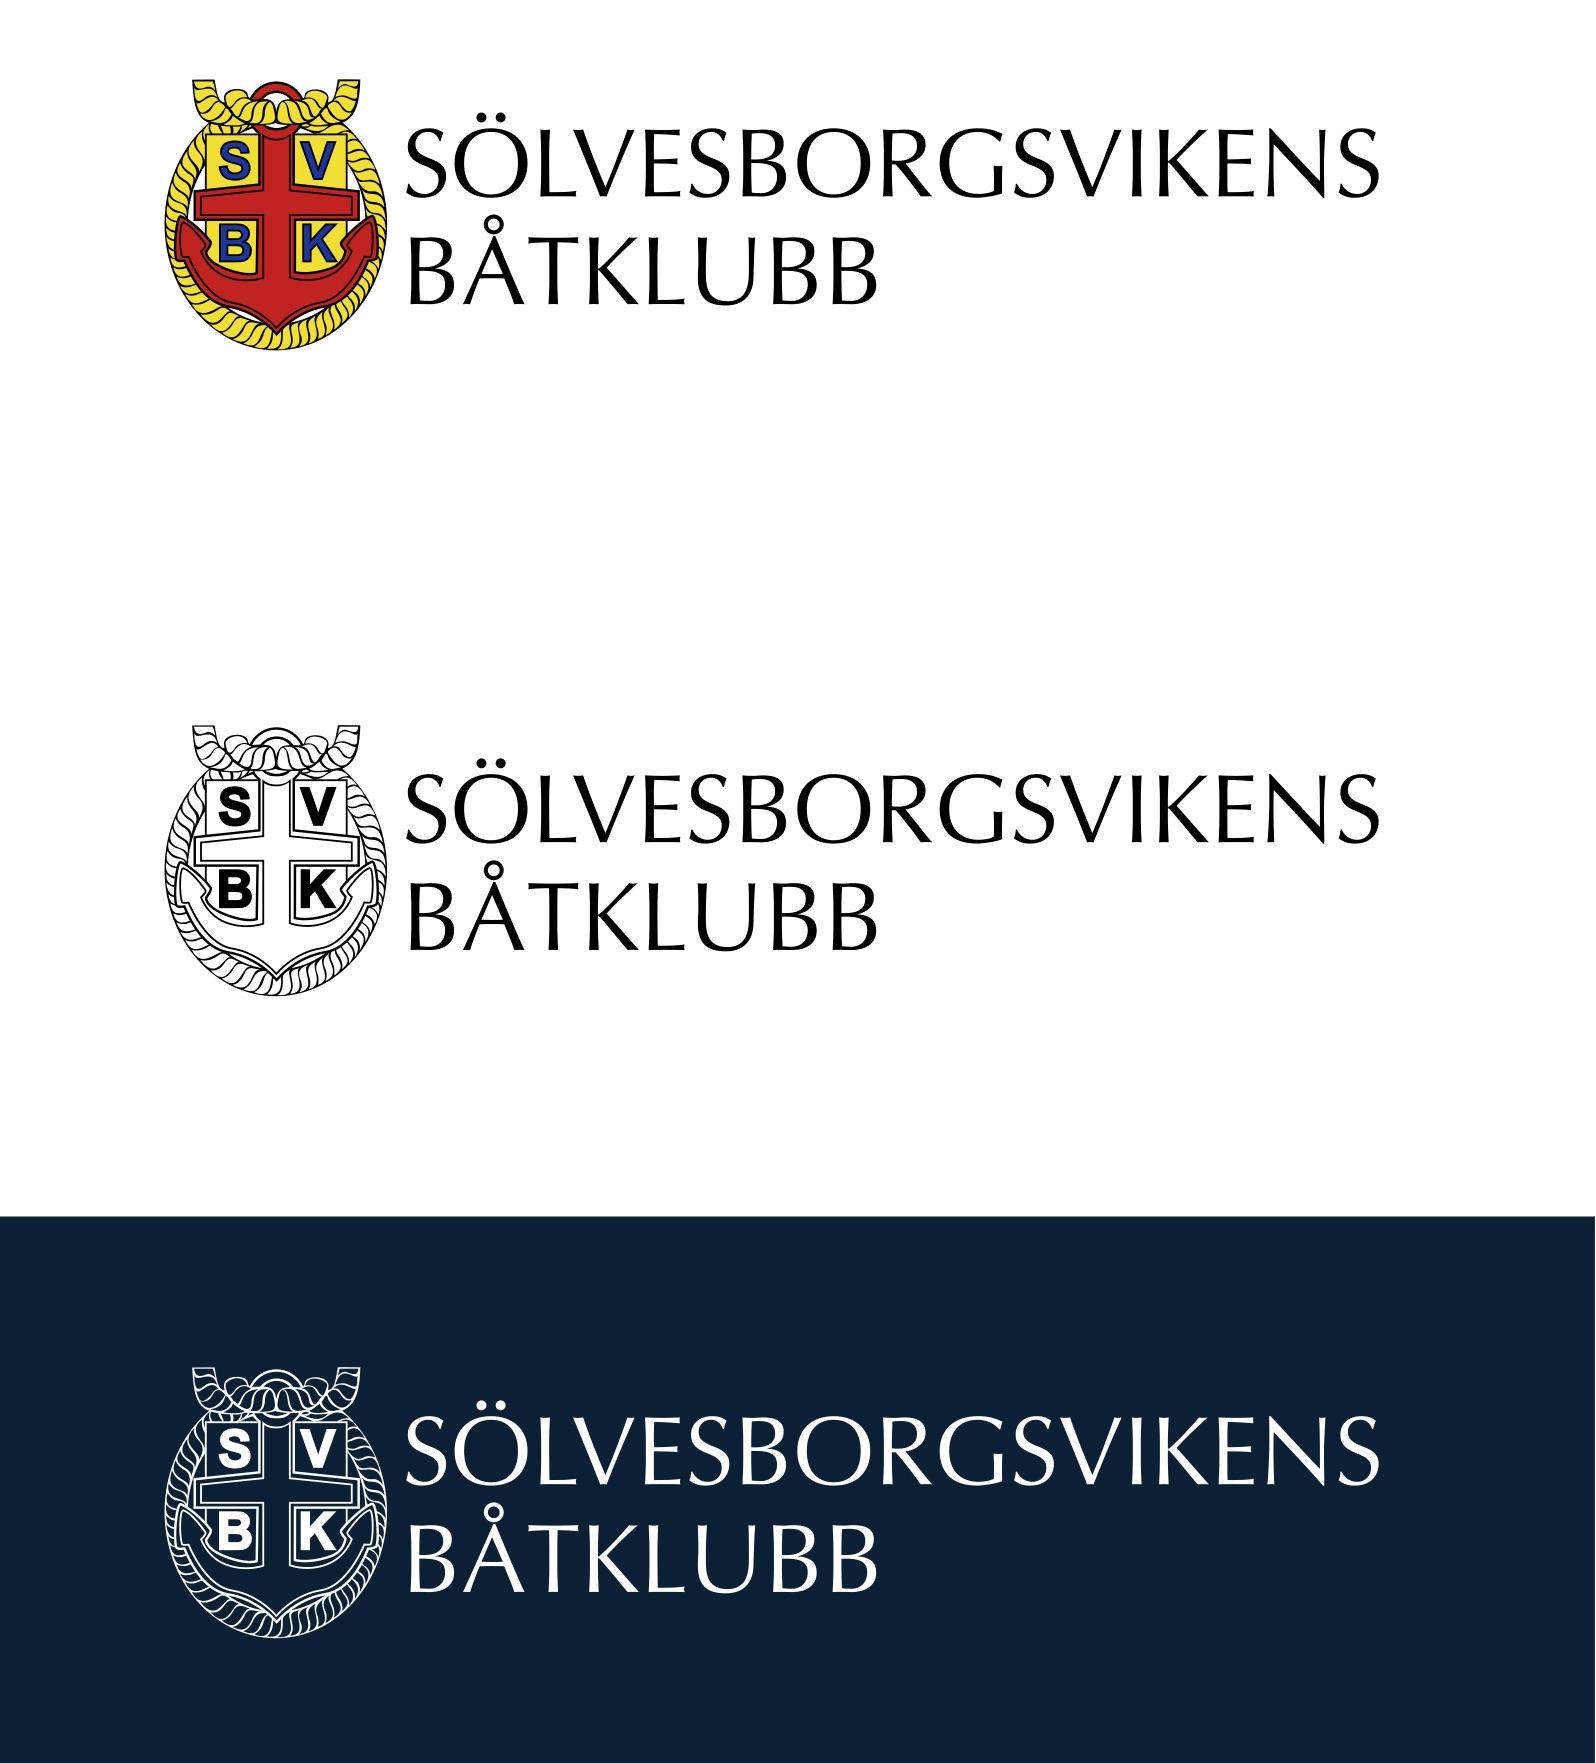 SVBK_logo_sammanställning